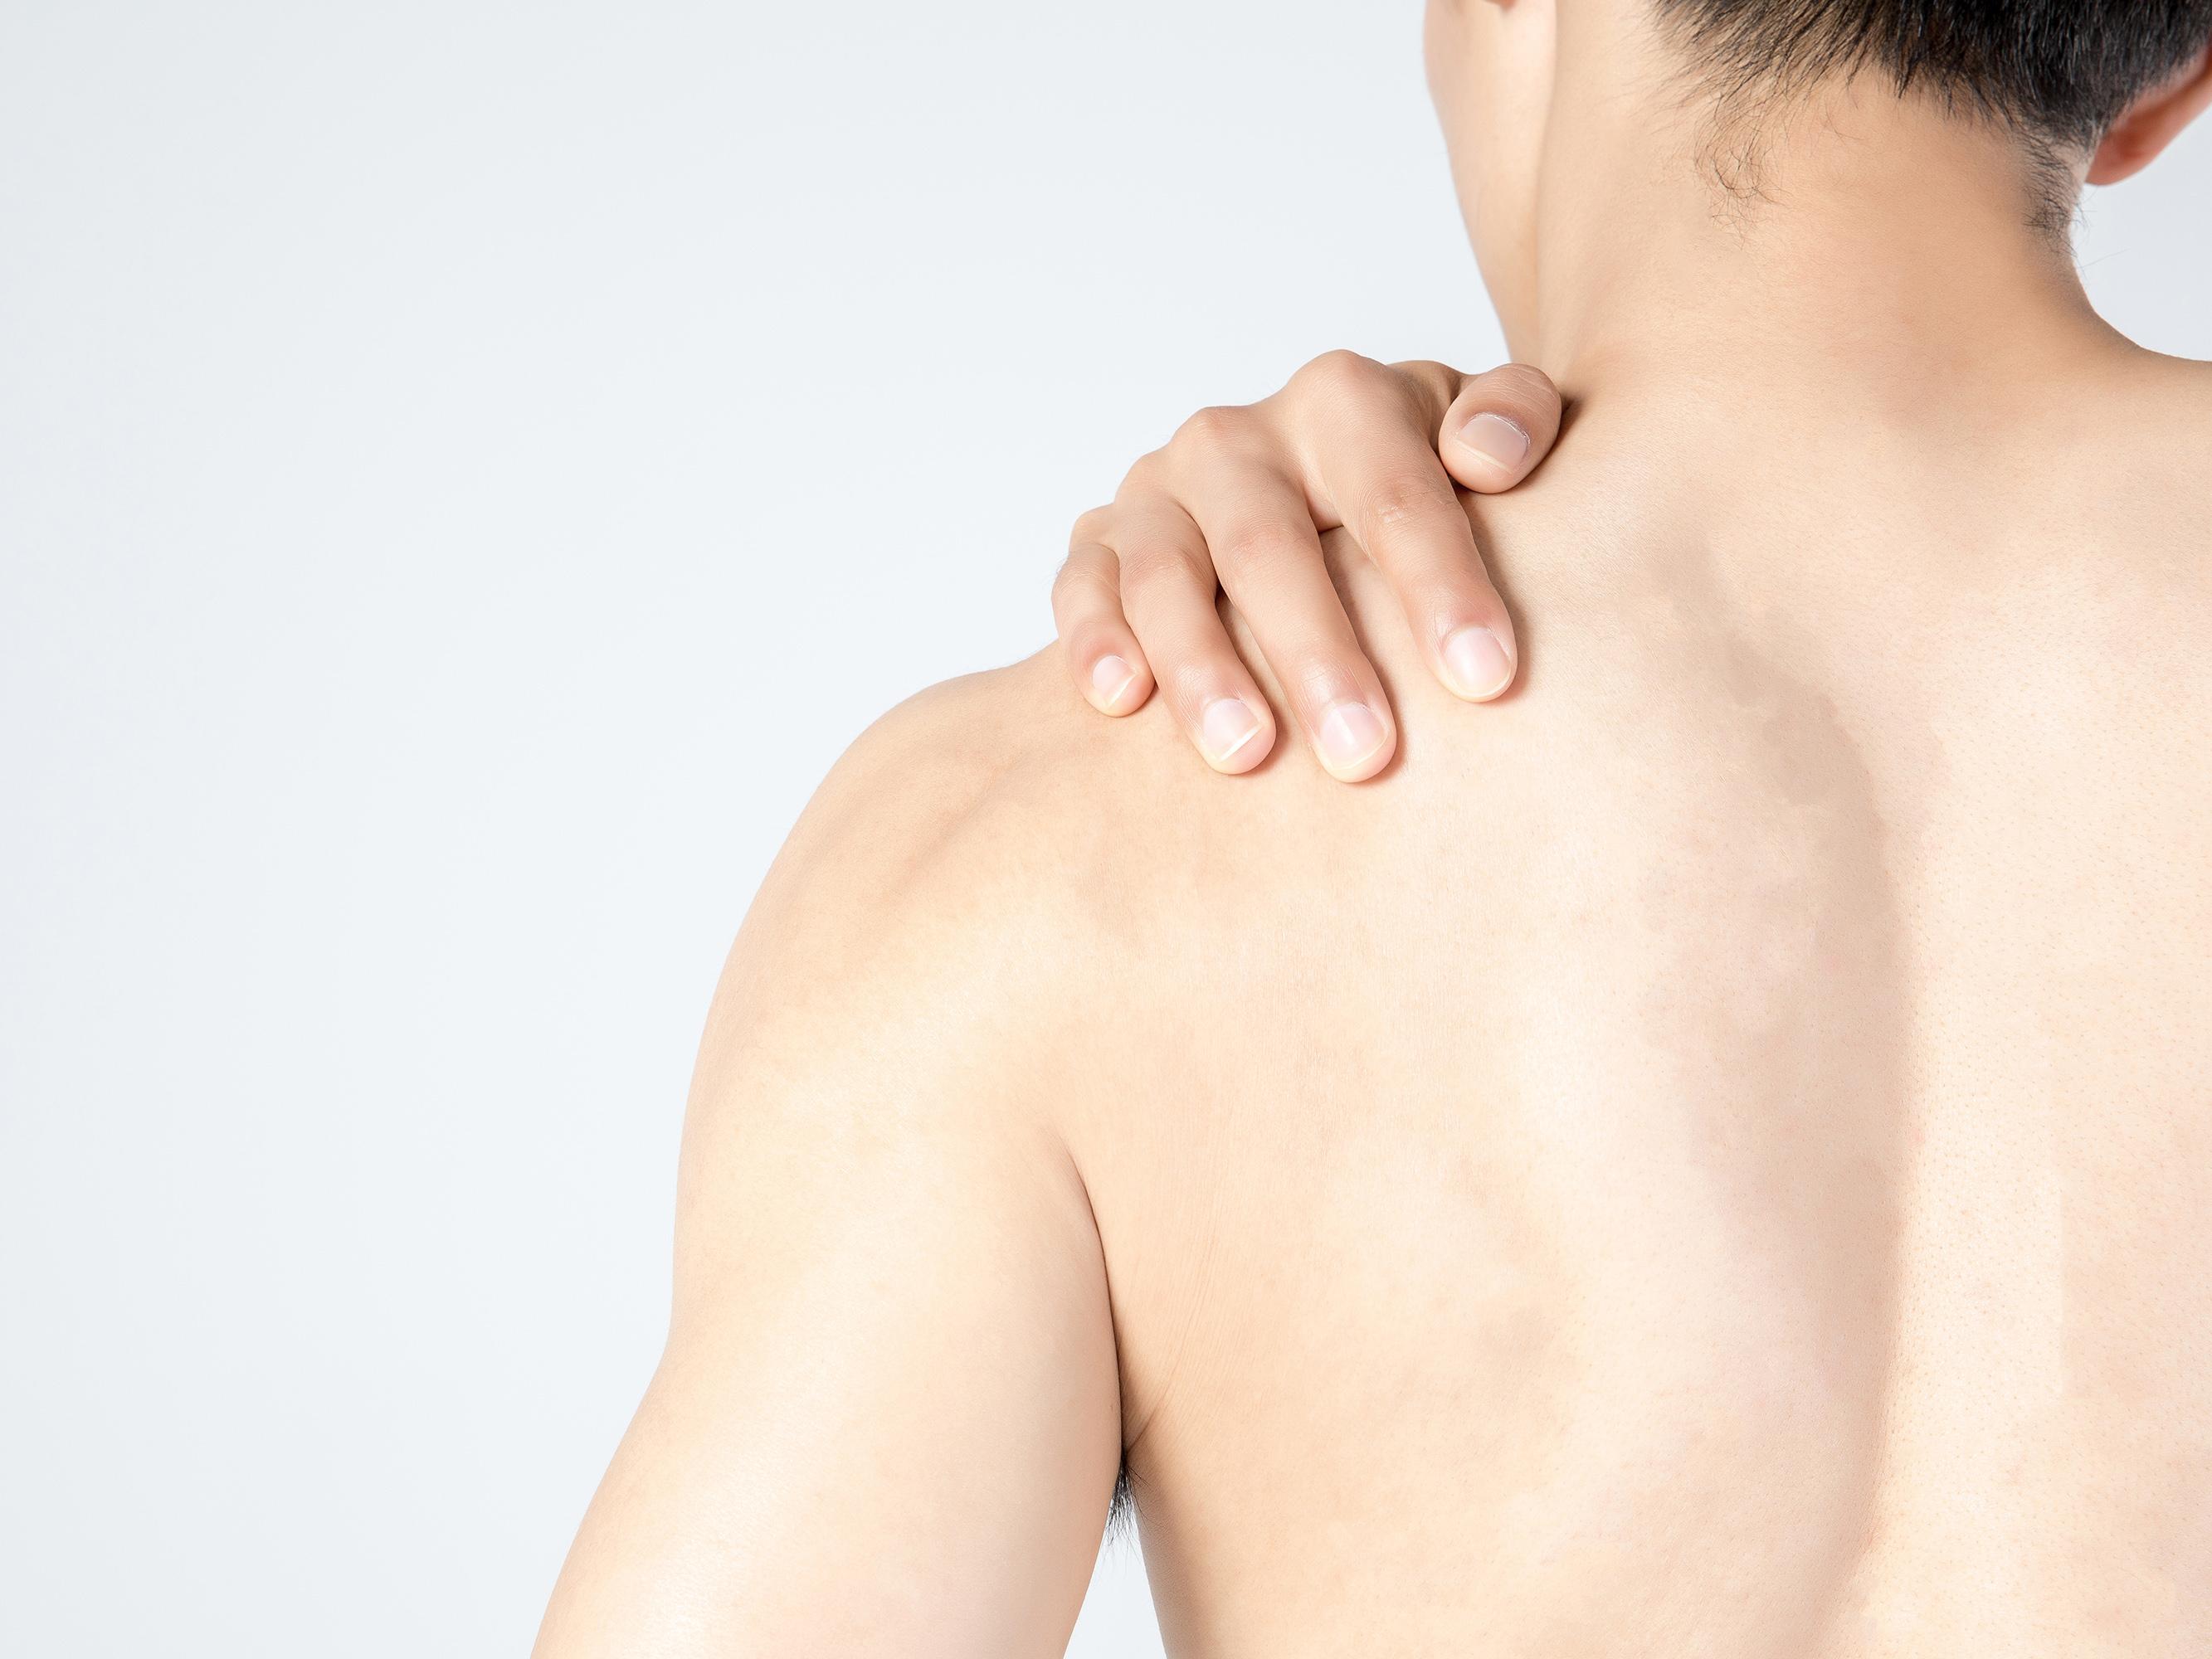 医生说|肩颈疼痛就是颈椎病?弄错病因,越治越痛!